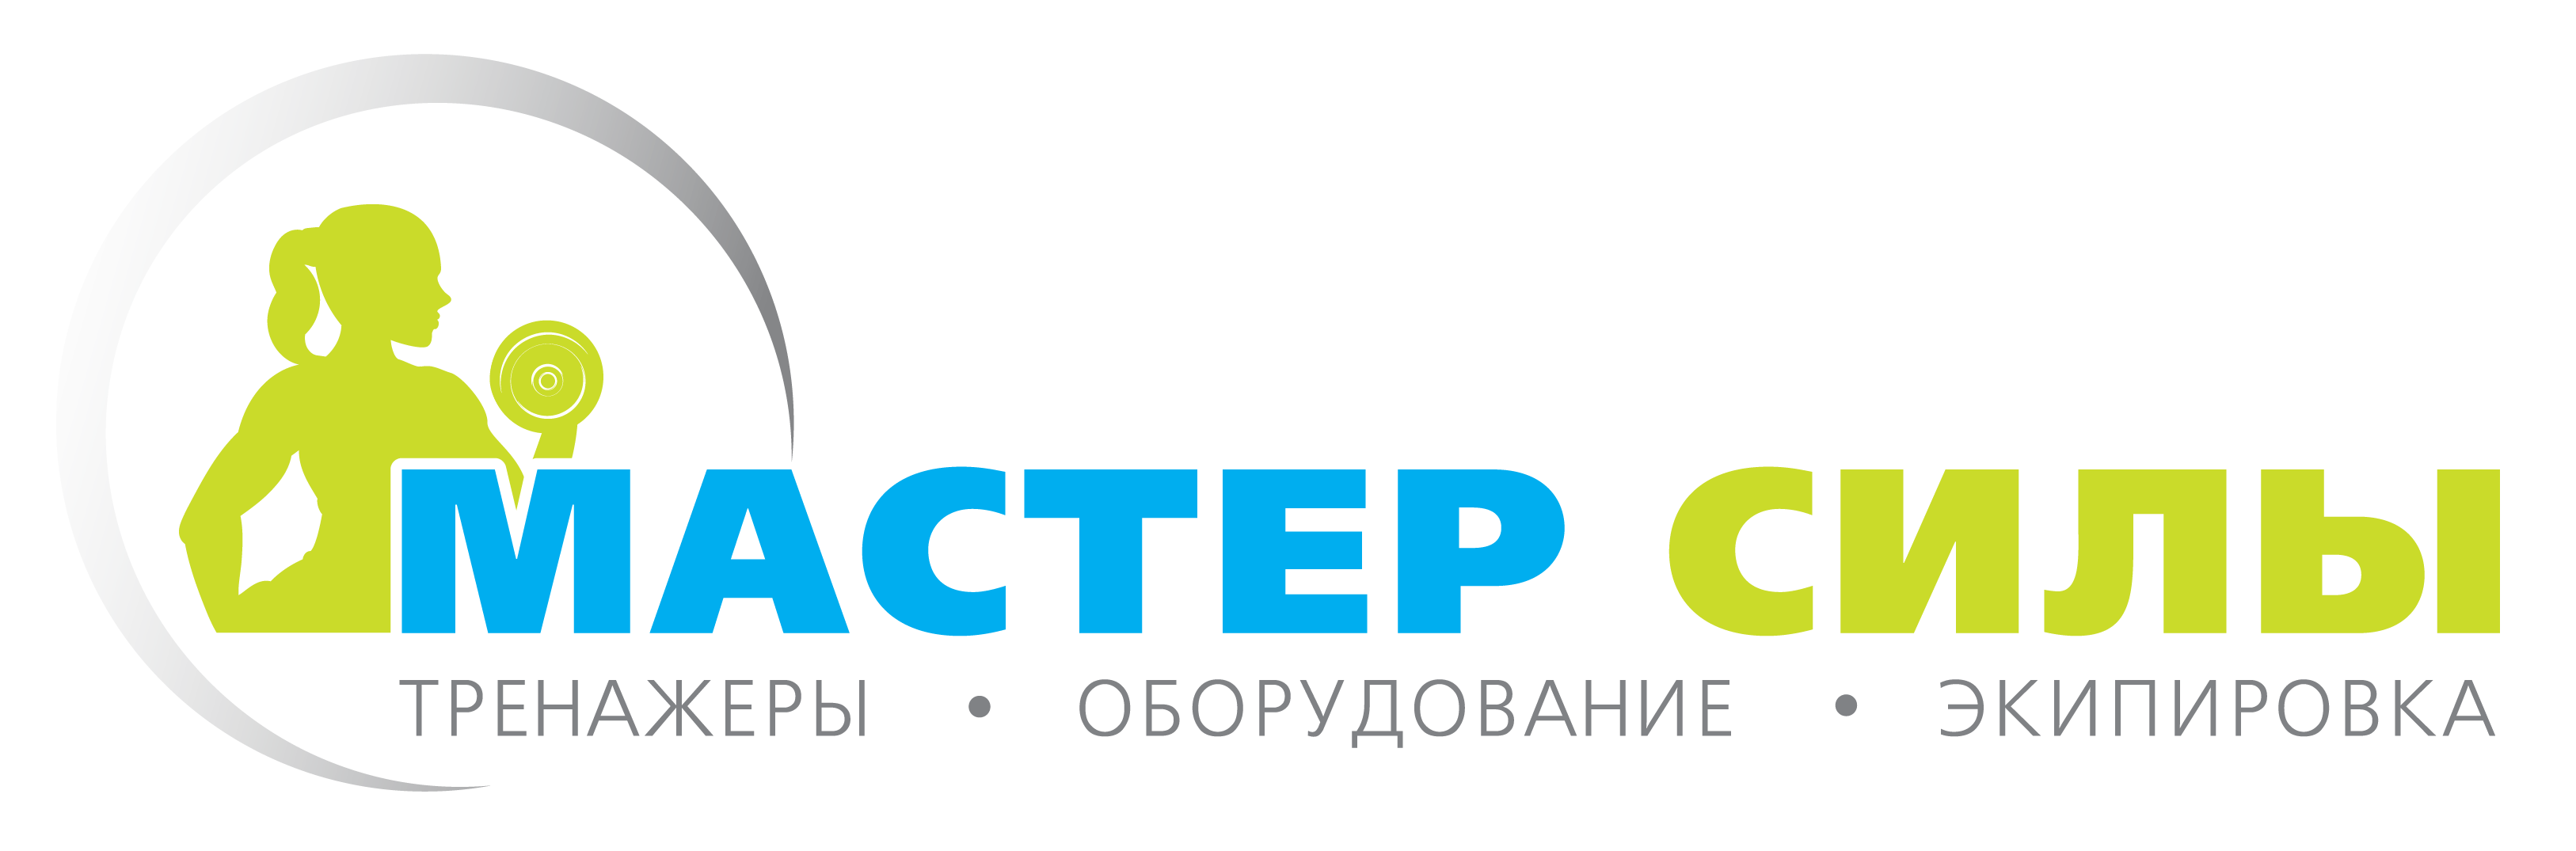 Магазин МАСТЕР СИЛЫ